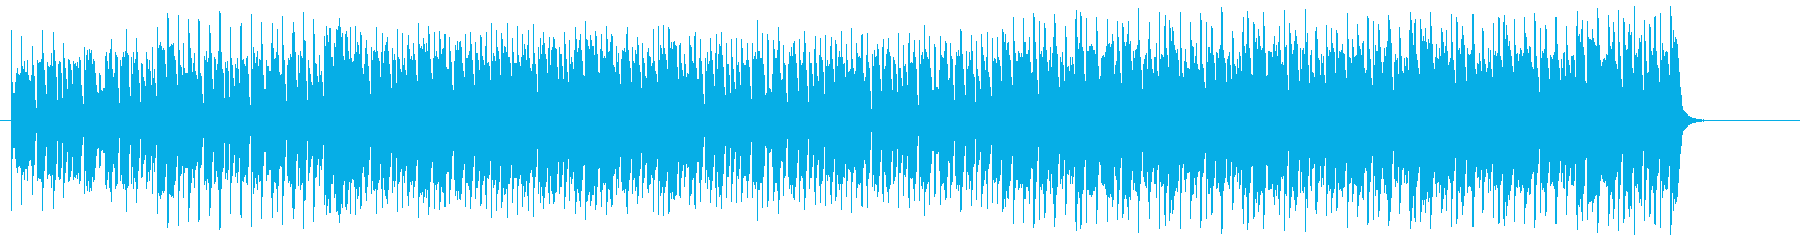 緊迫感のある妖しいマイナーテクノ/ポップの再生済みの波形